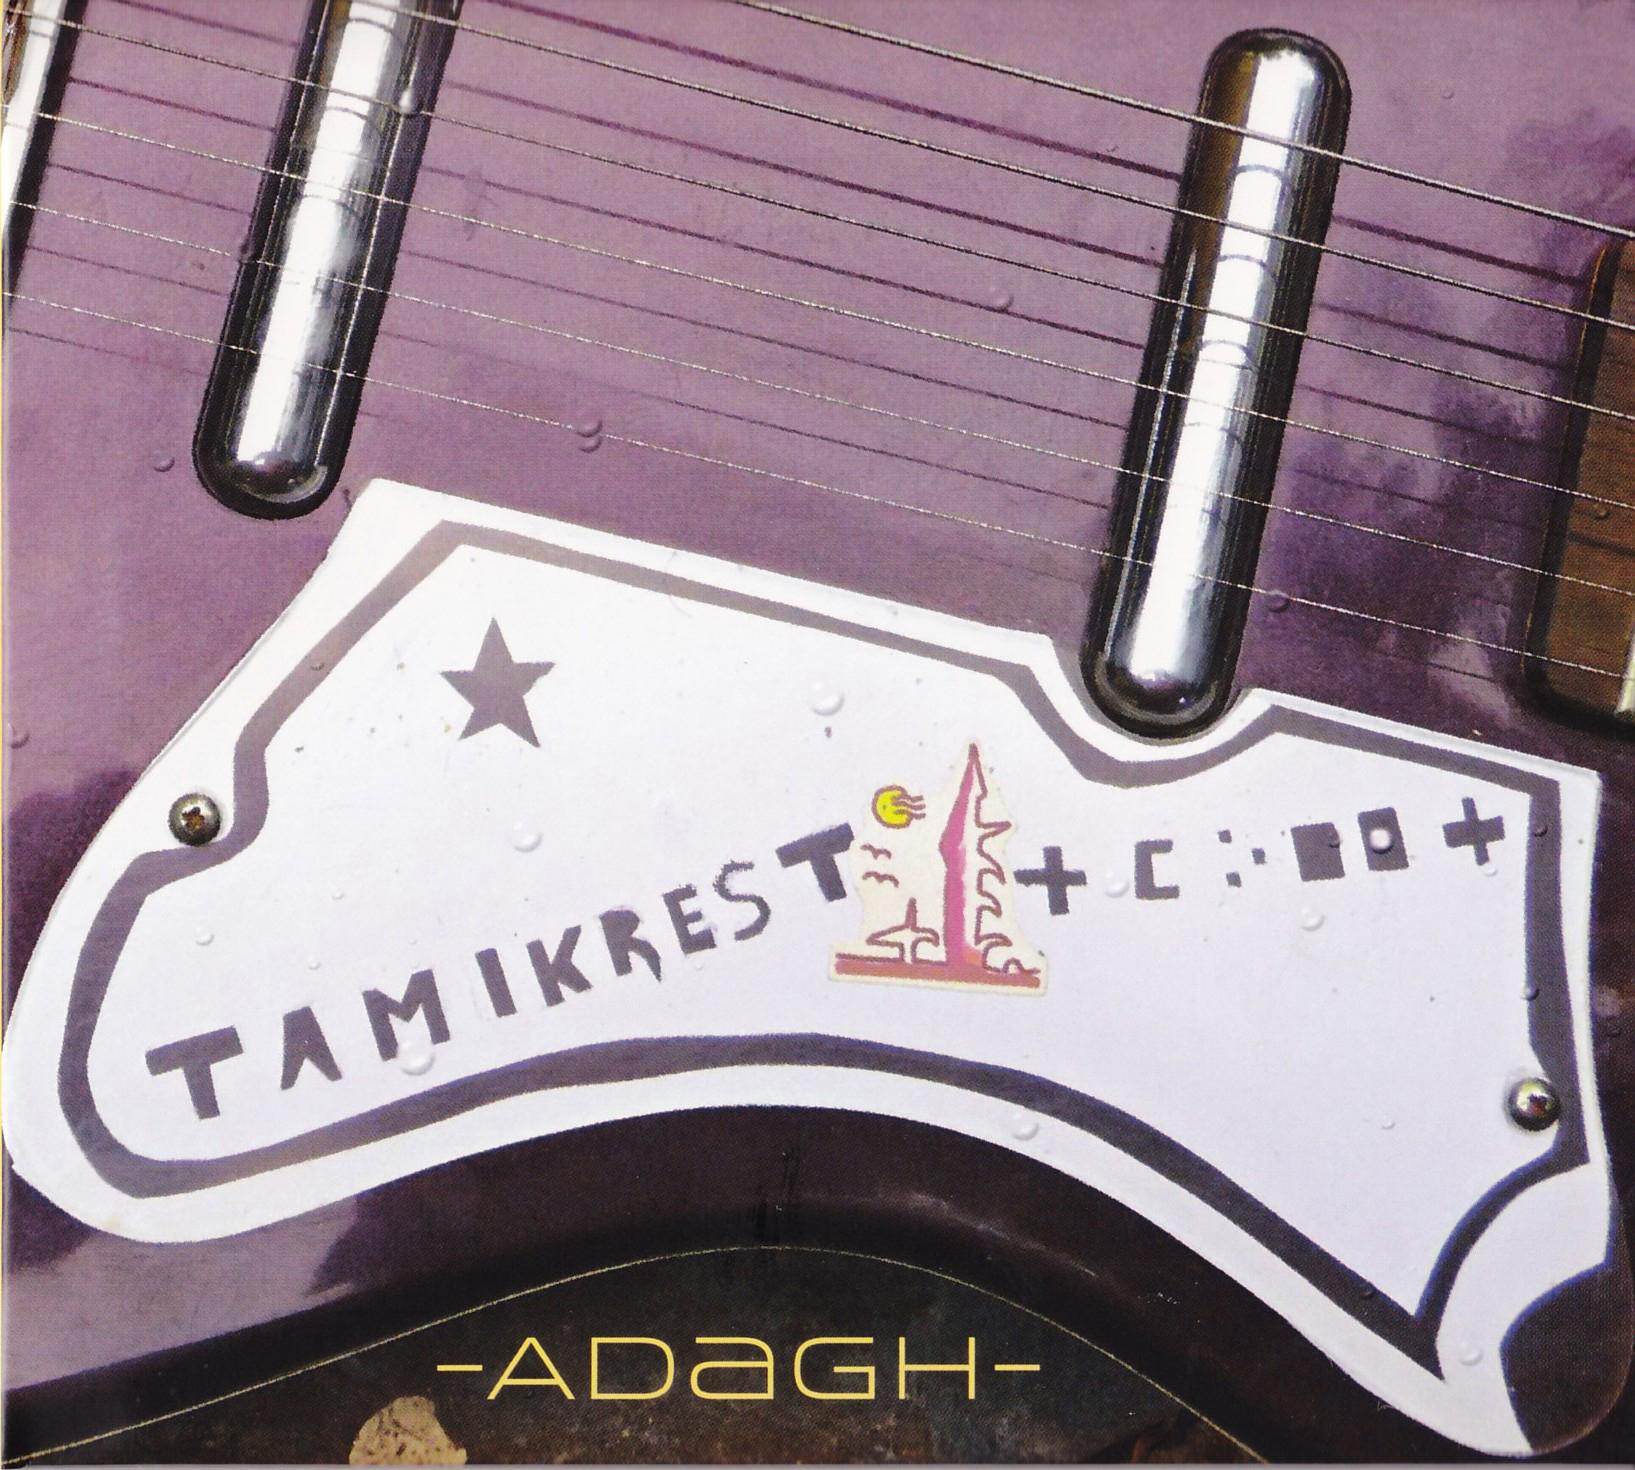 Tamikrest: Adagh (2010)